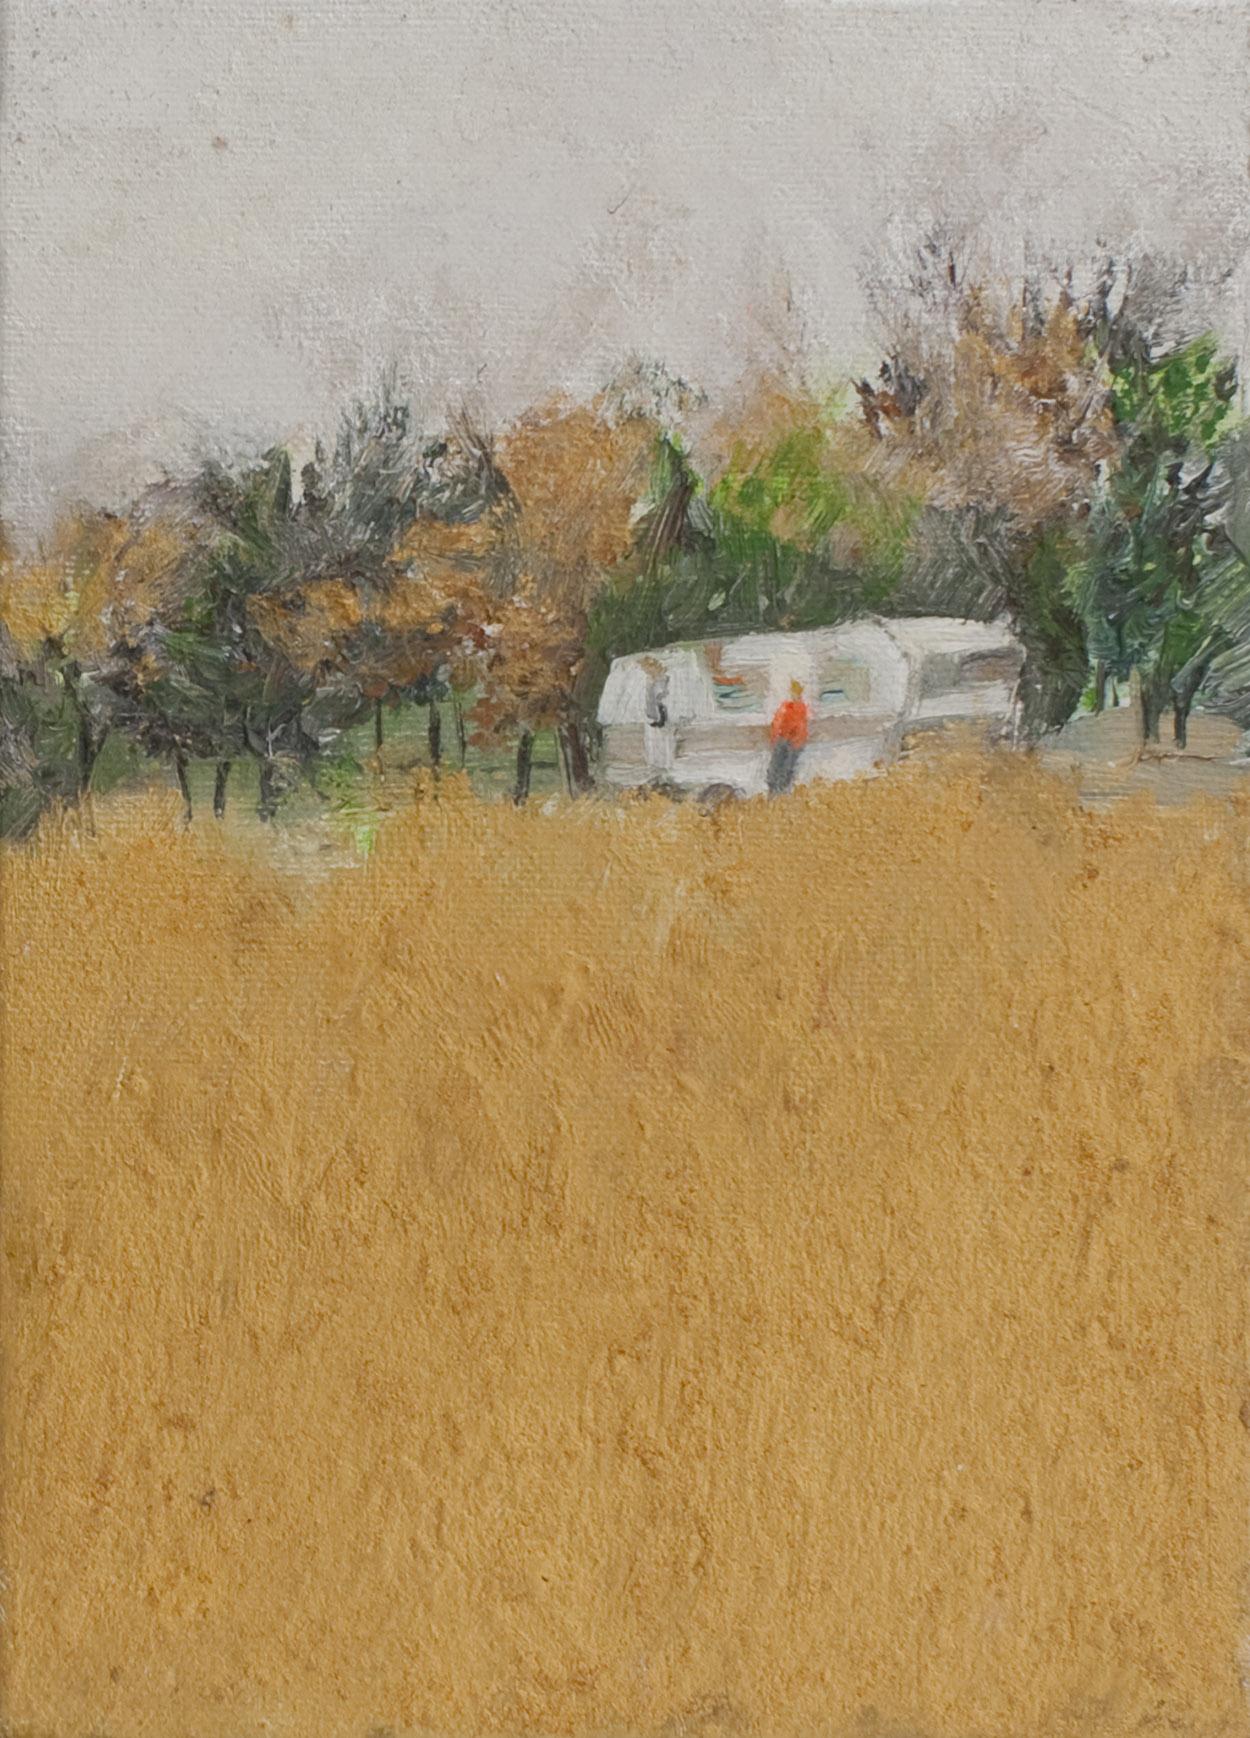 Berlín 2005   Oil paint, fluorescent and pigment on canvas. 16 x 22 cm.